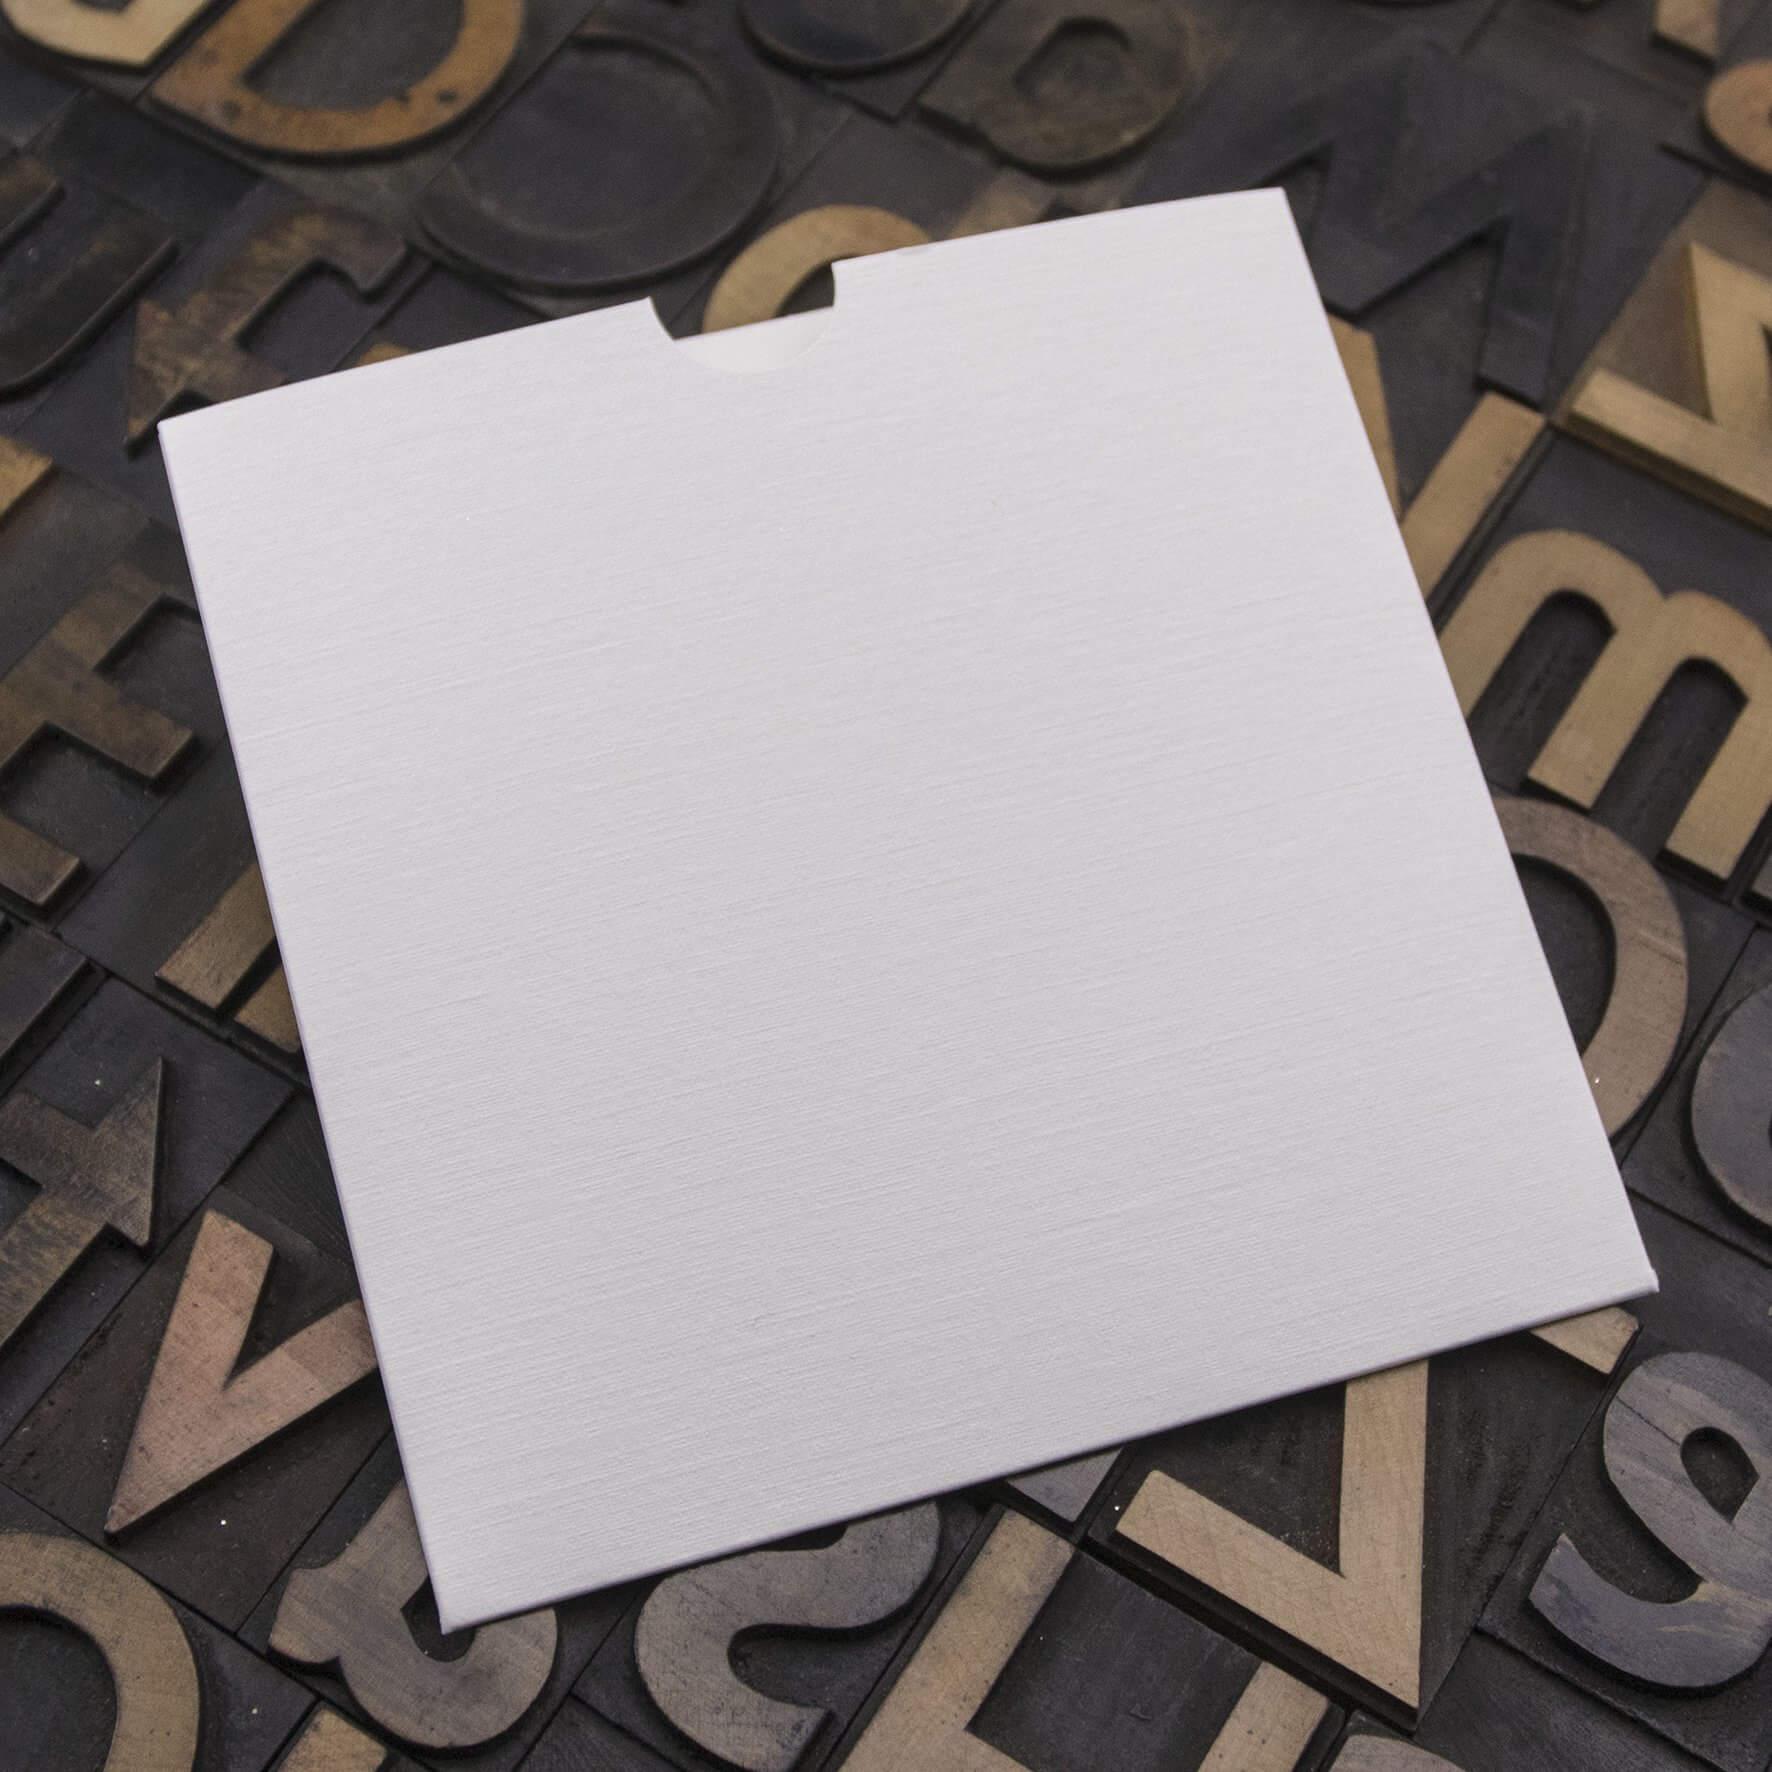 Enfolio Wallet 125mm Sq - Silkweave White